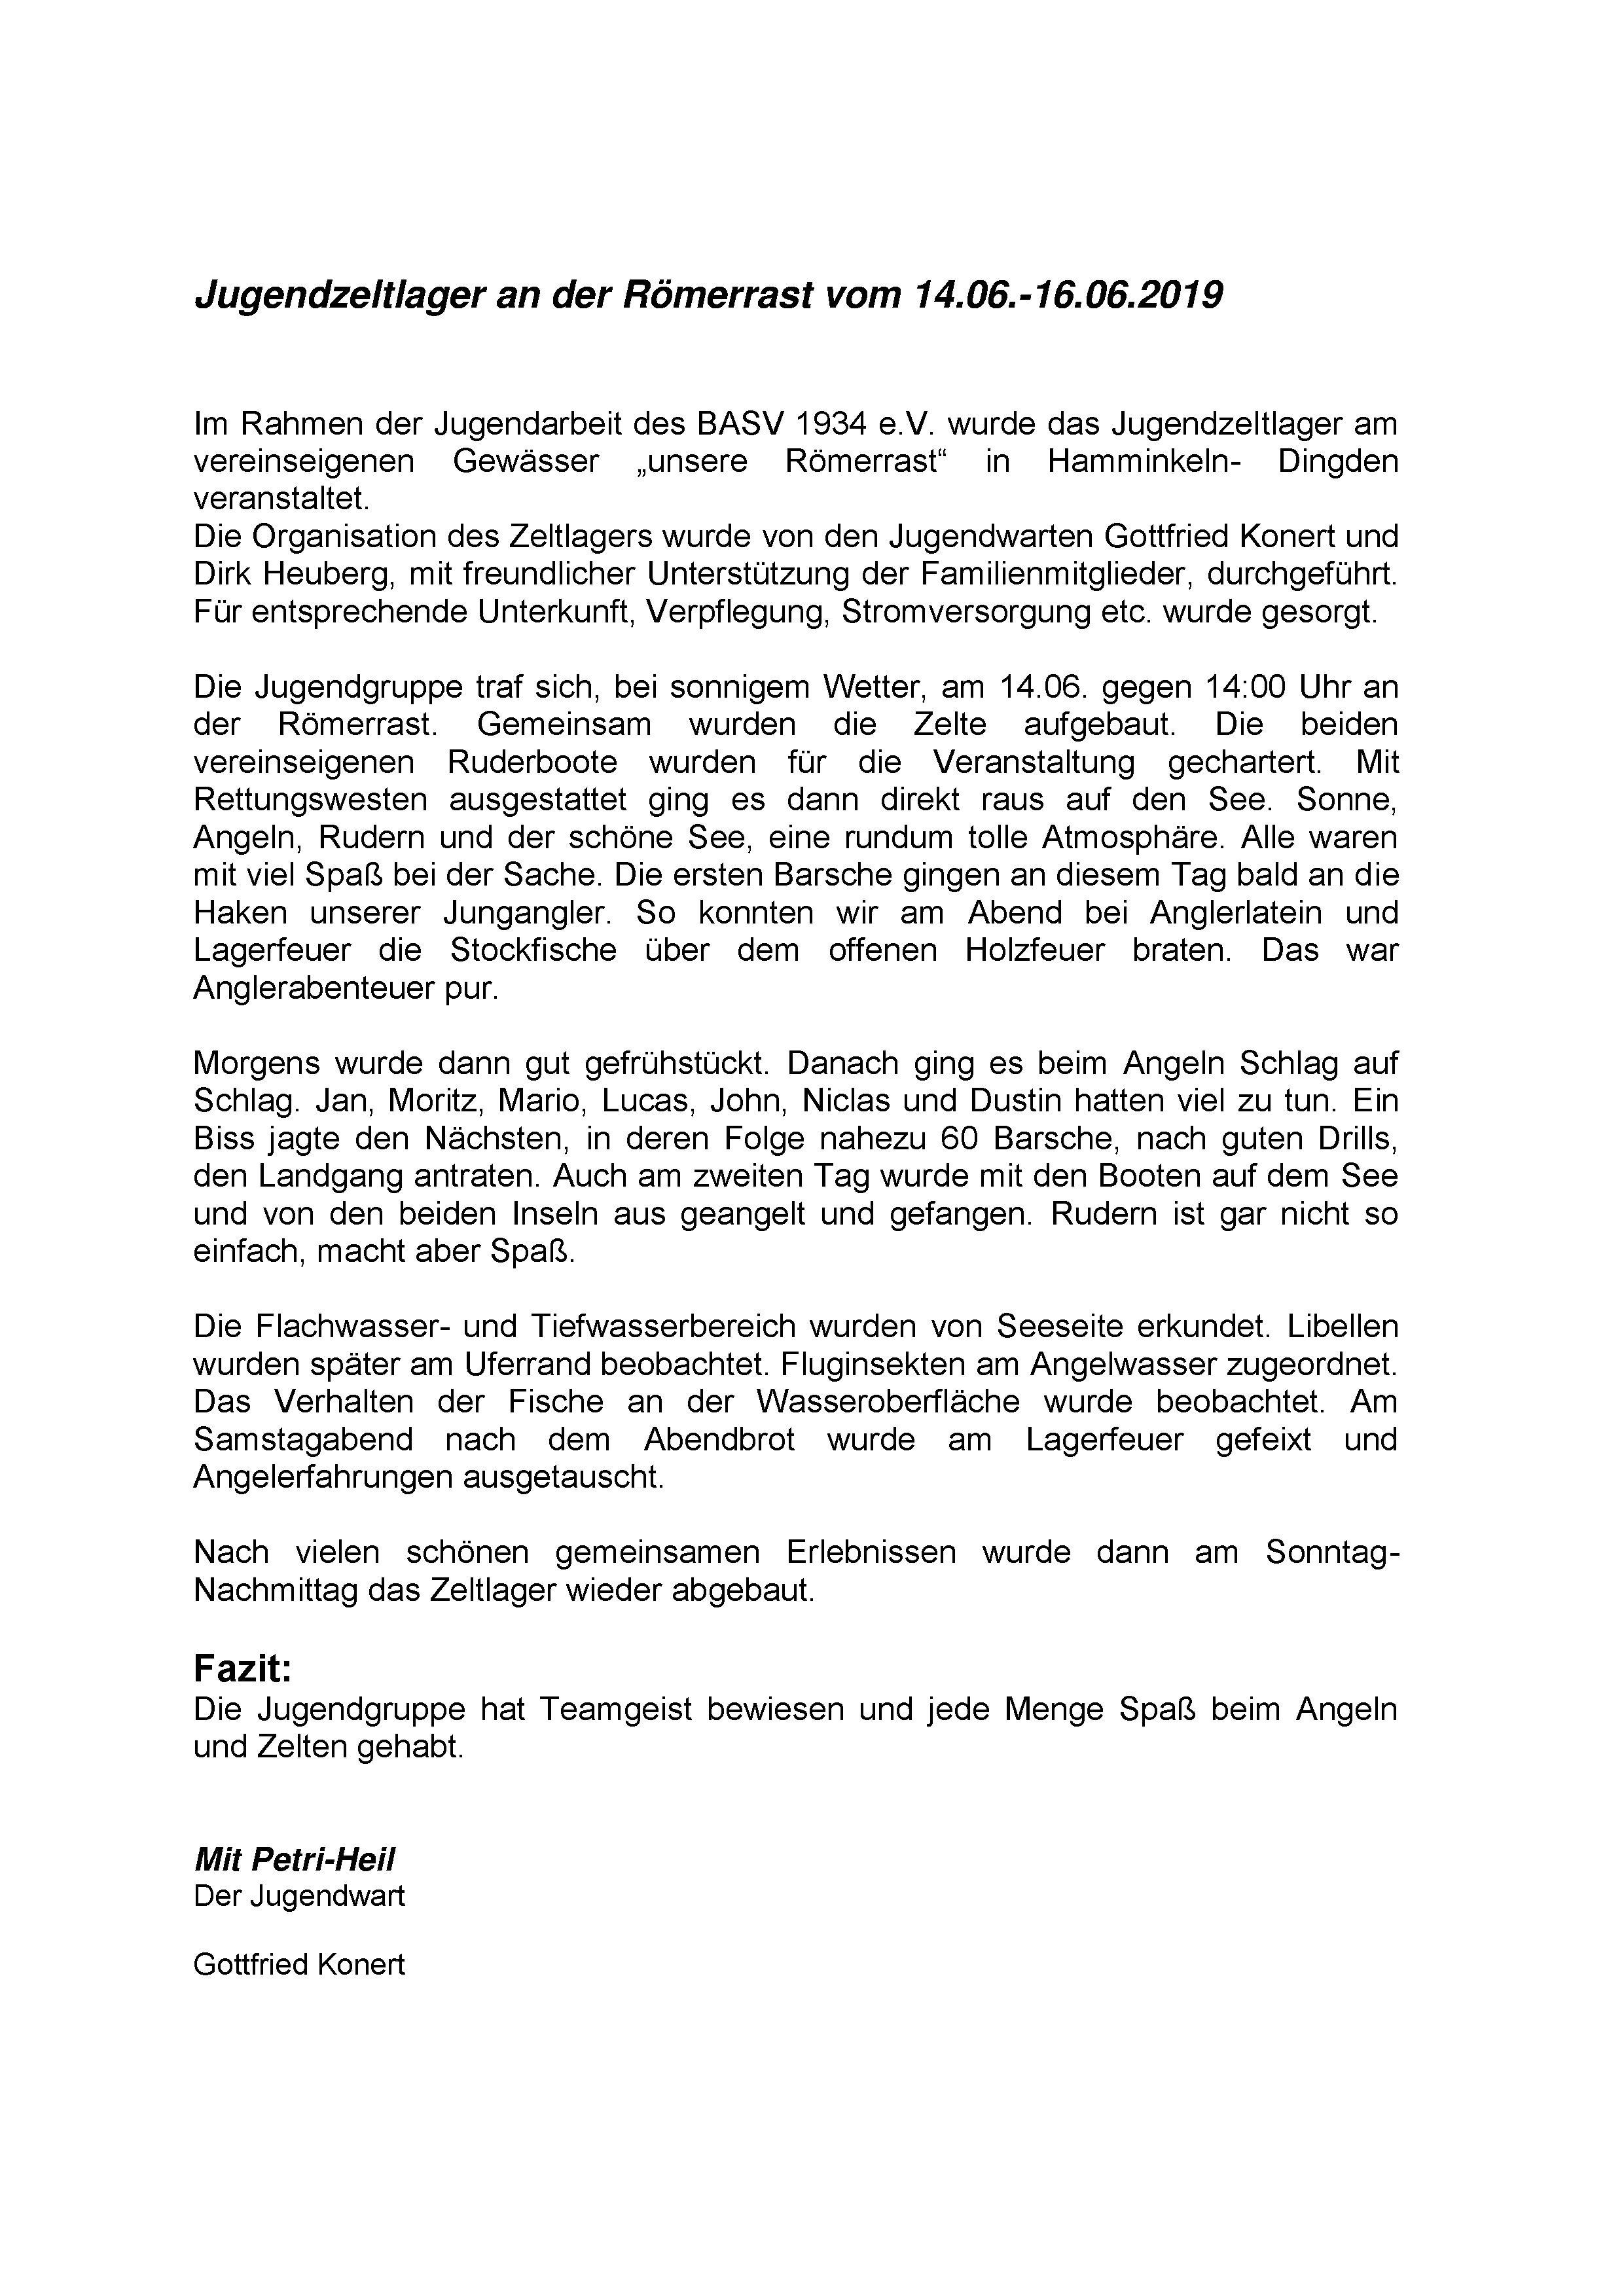 Jugendzeltlager Römerrast 14.-16.06.2019.jpg